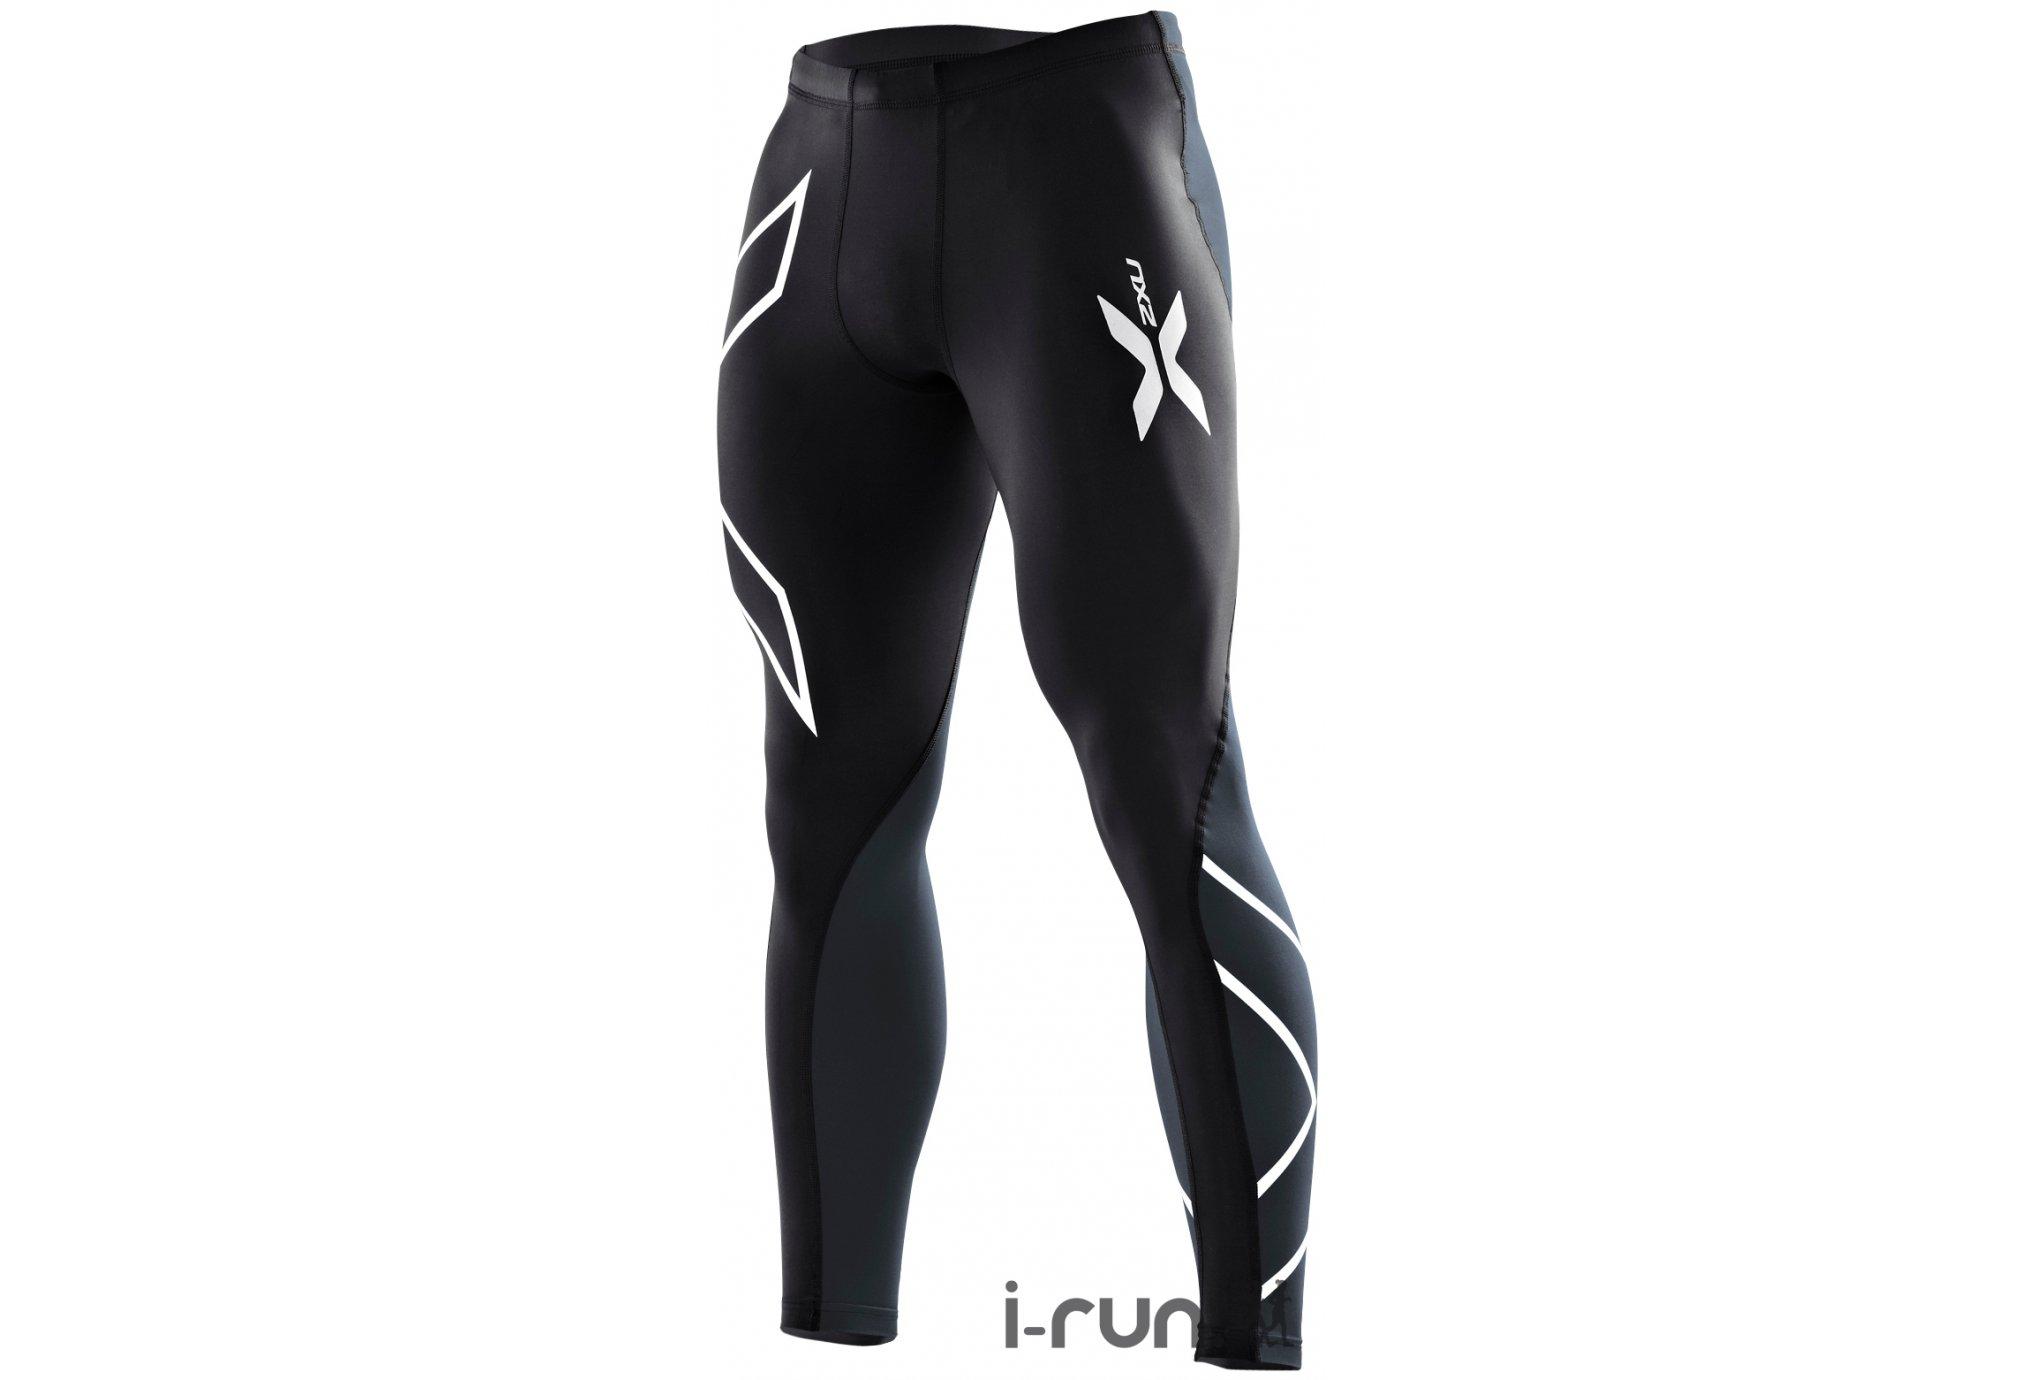 2xu Collant elite xform compression m diététique vêtements homme